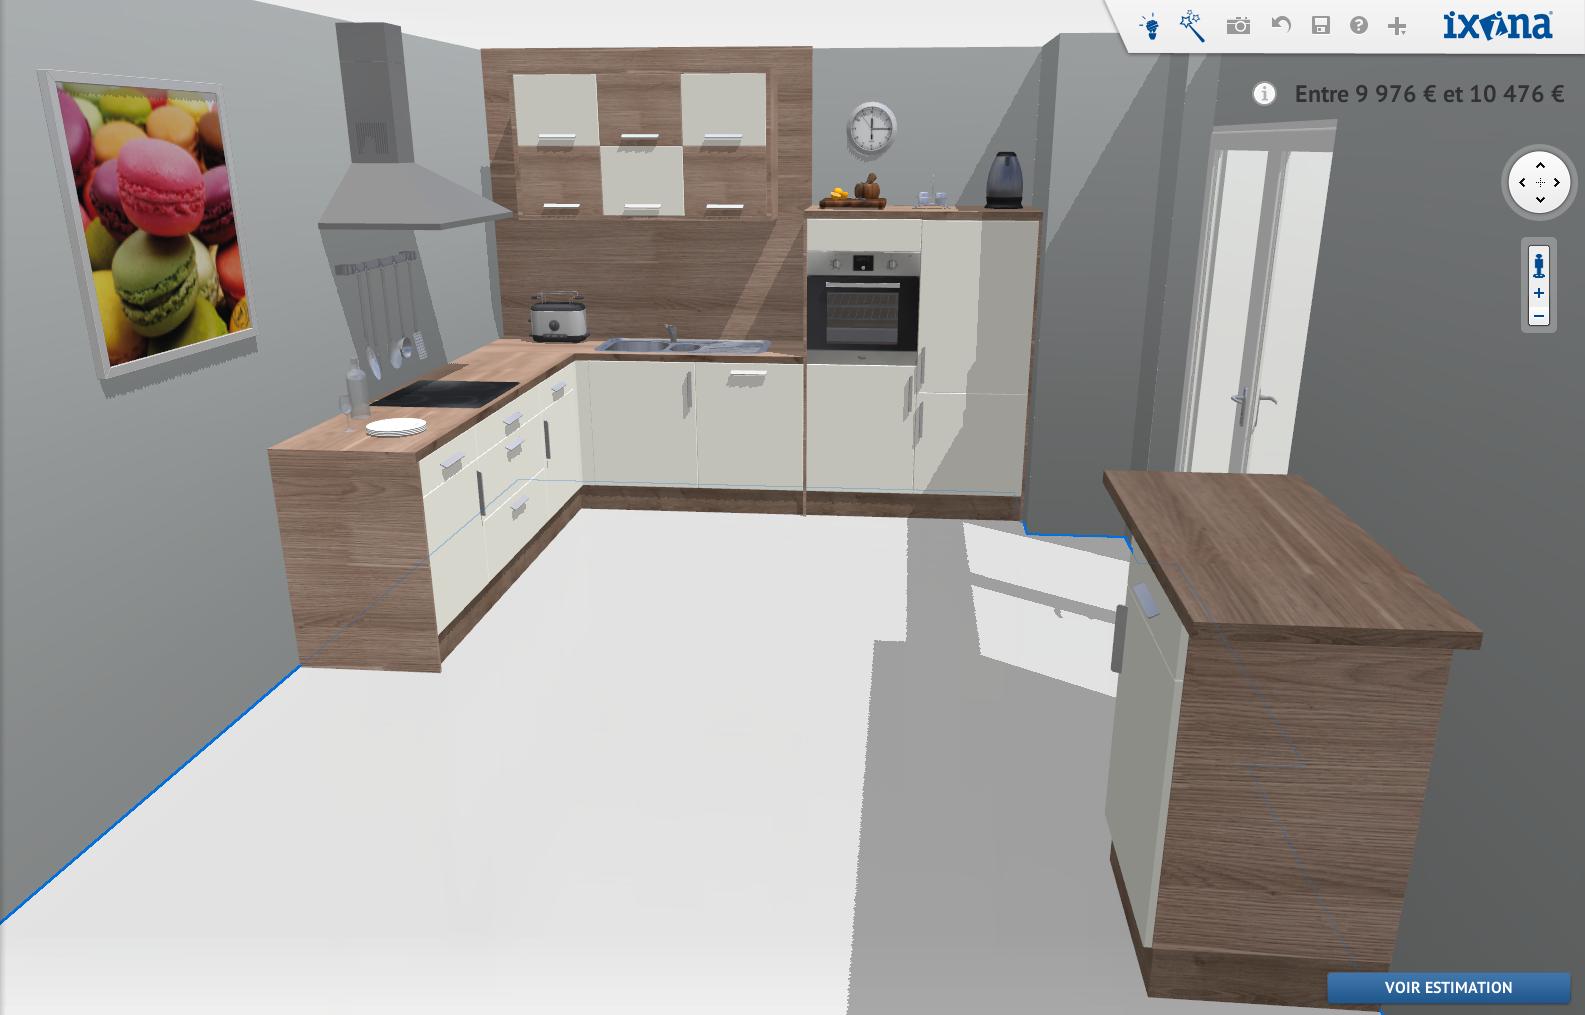 Mi casa decoracion planificacion de cocinas for Disenador de cocinas gratis